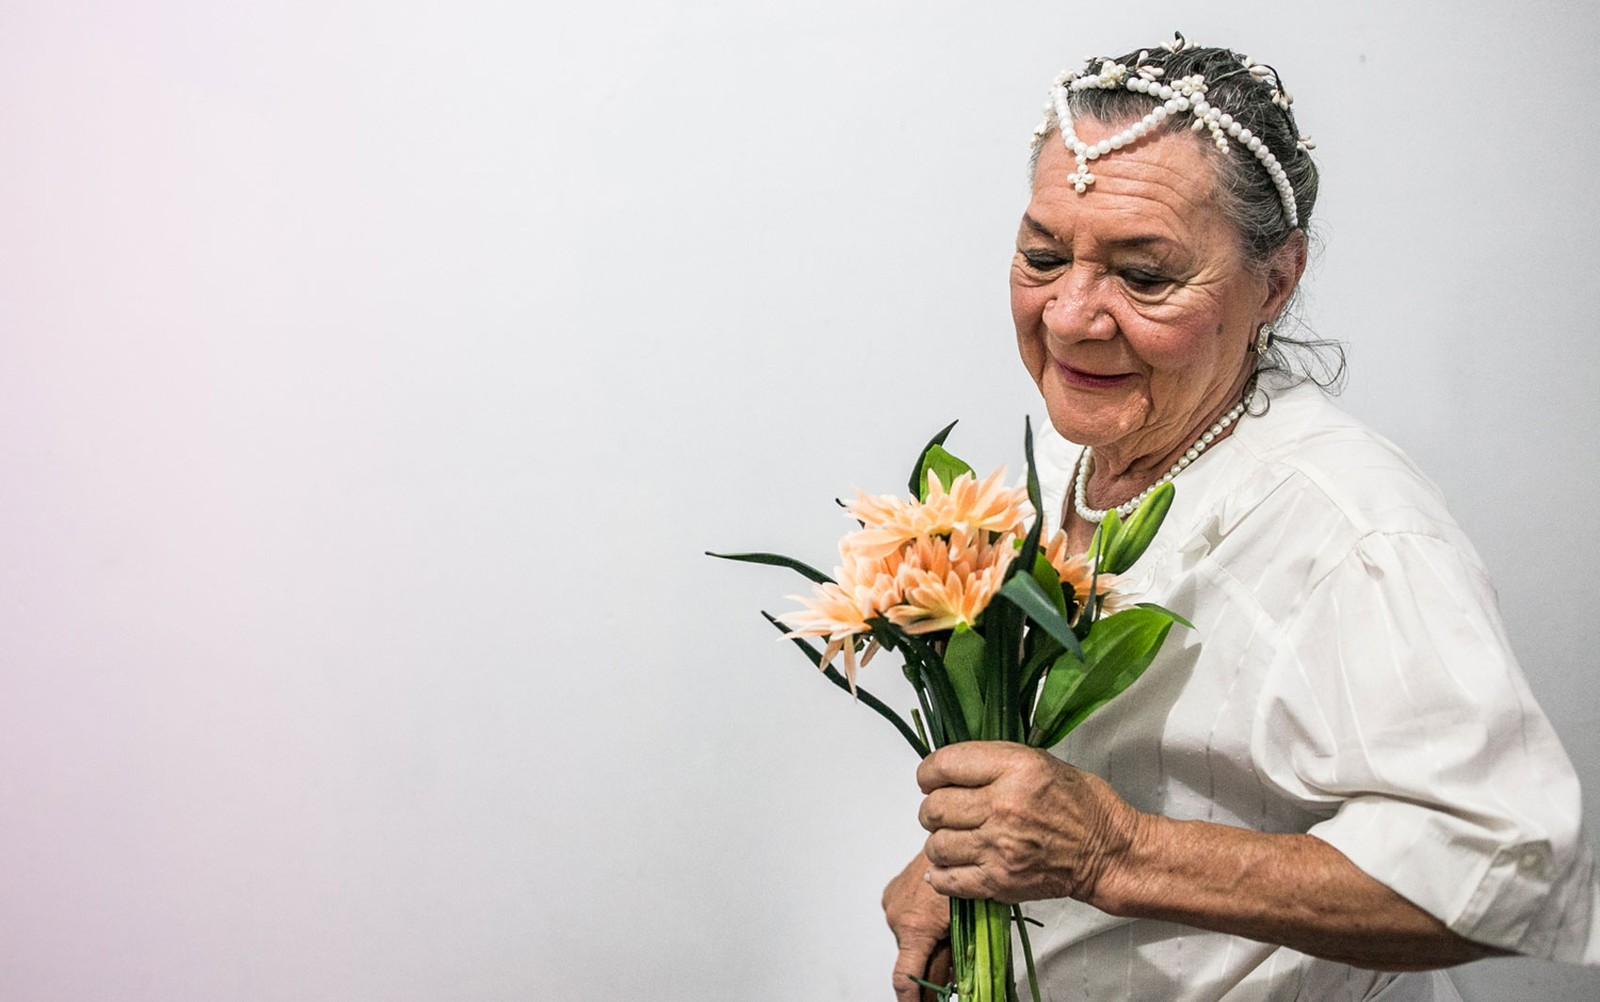 casamento idosos 3 - Aos 76, aposentada se casa pela 1ª vez com namorado; o romance começou em lar de idosos